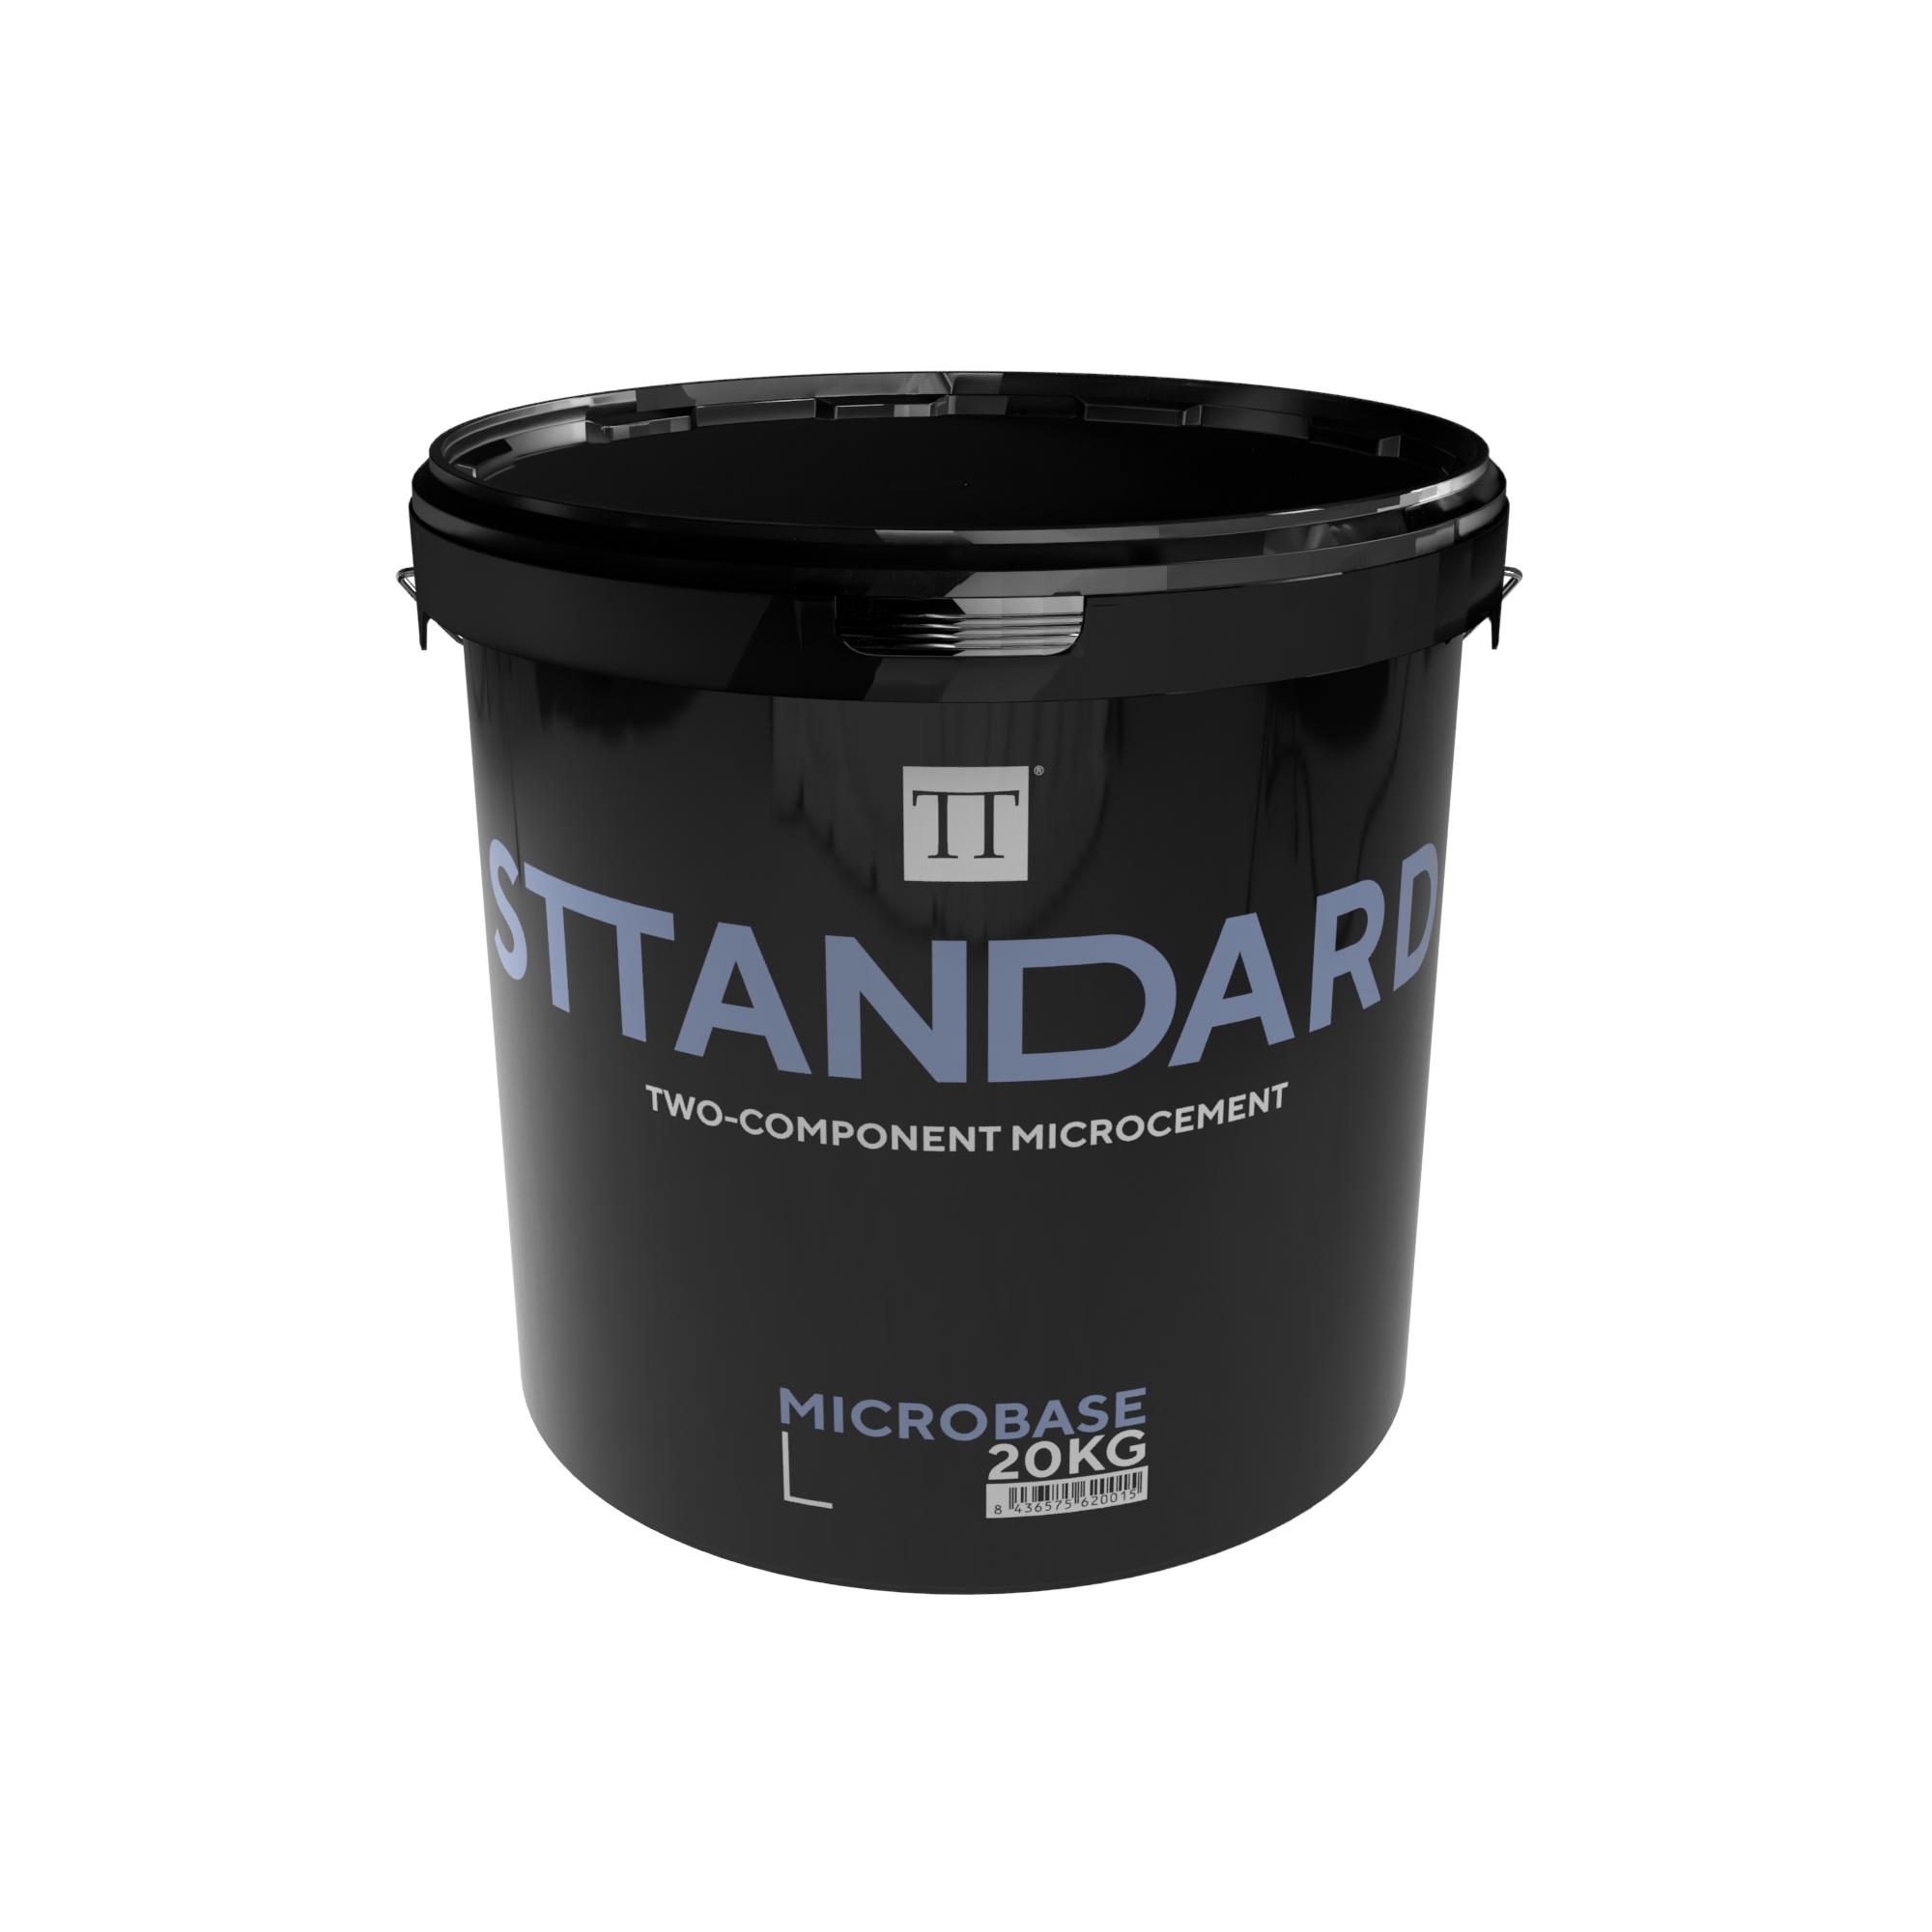 Sttandard Microbase